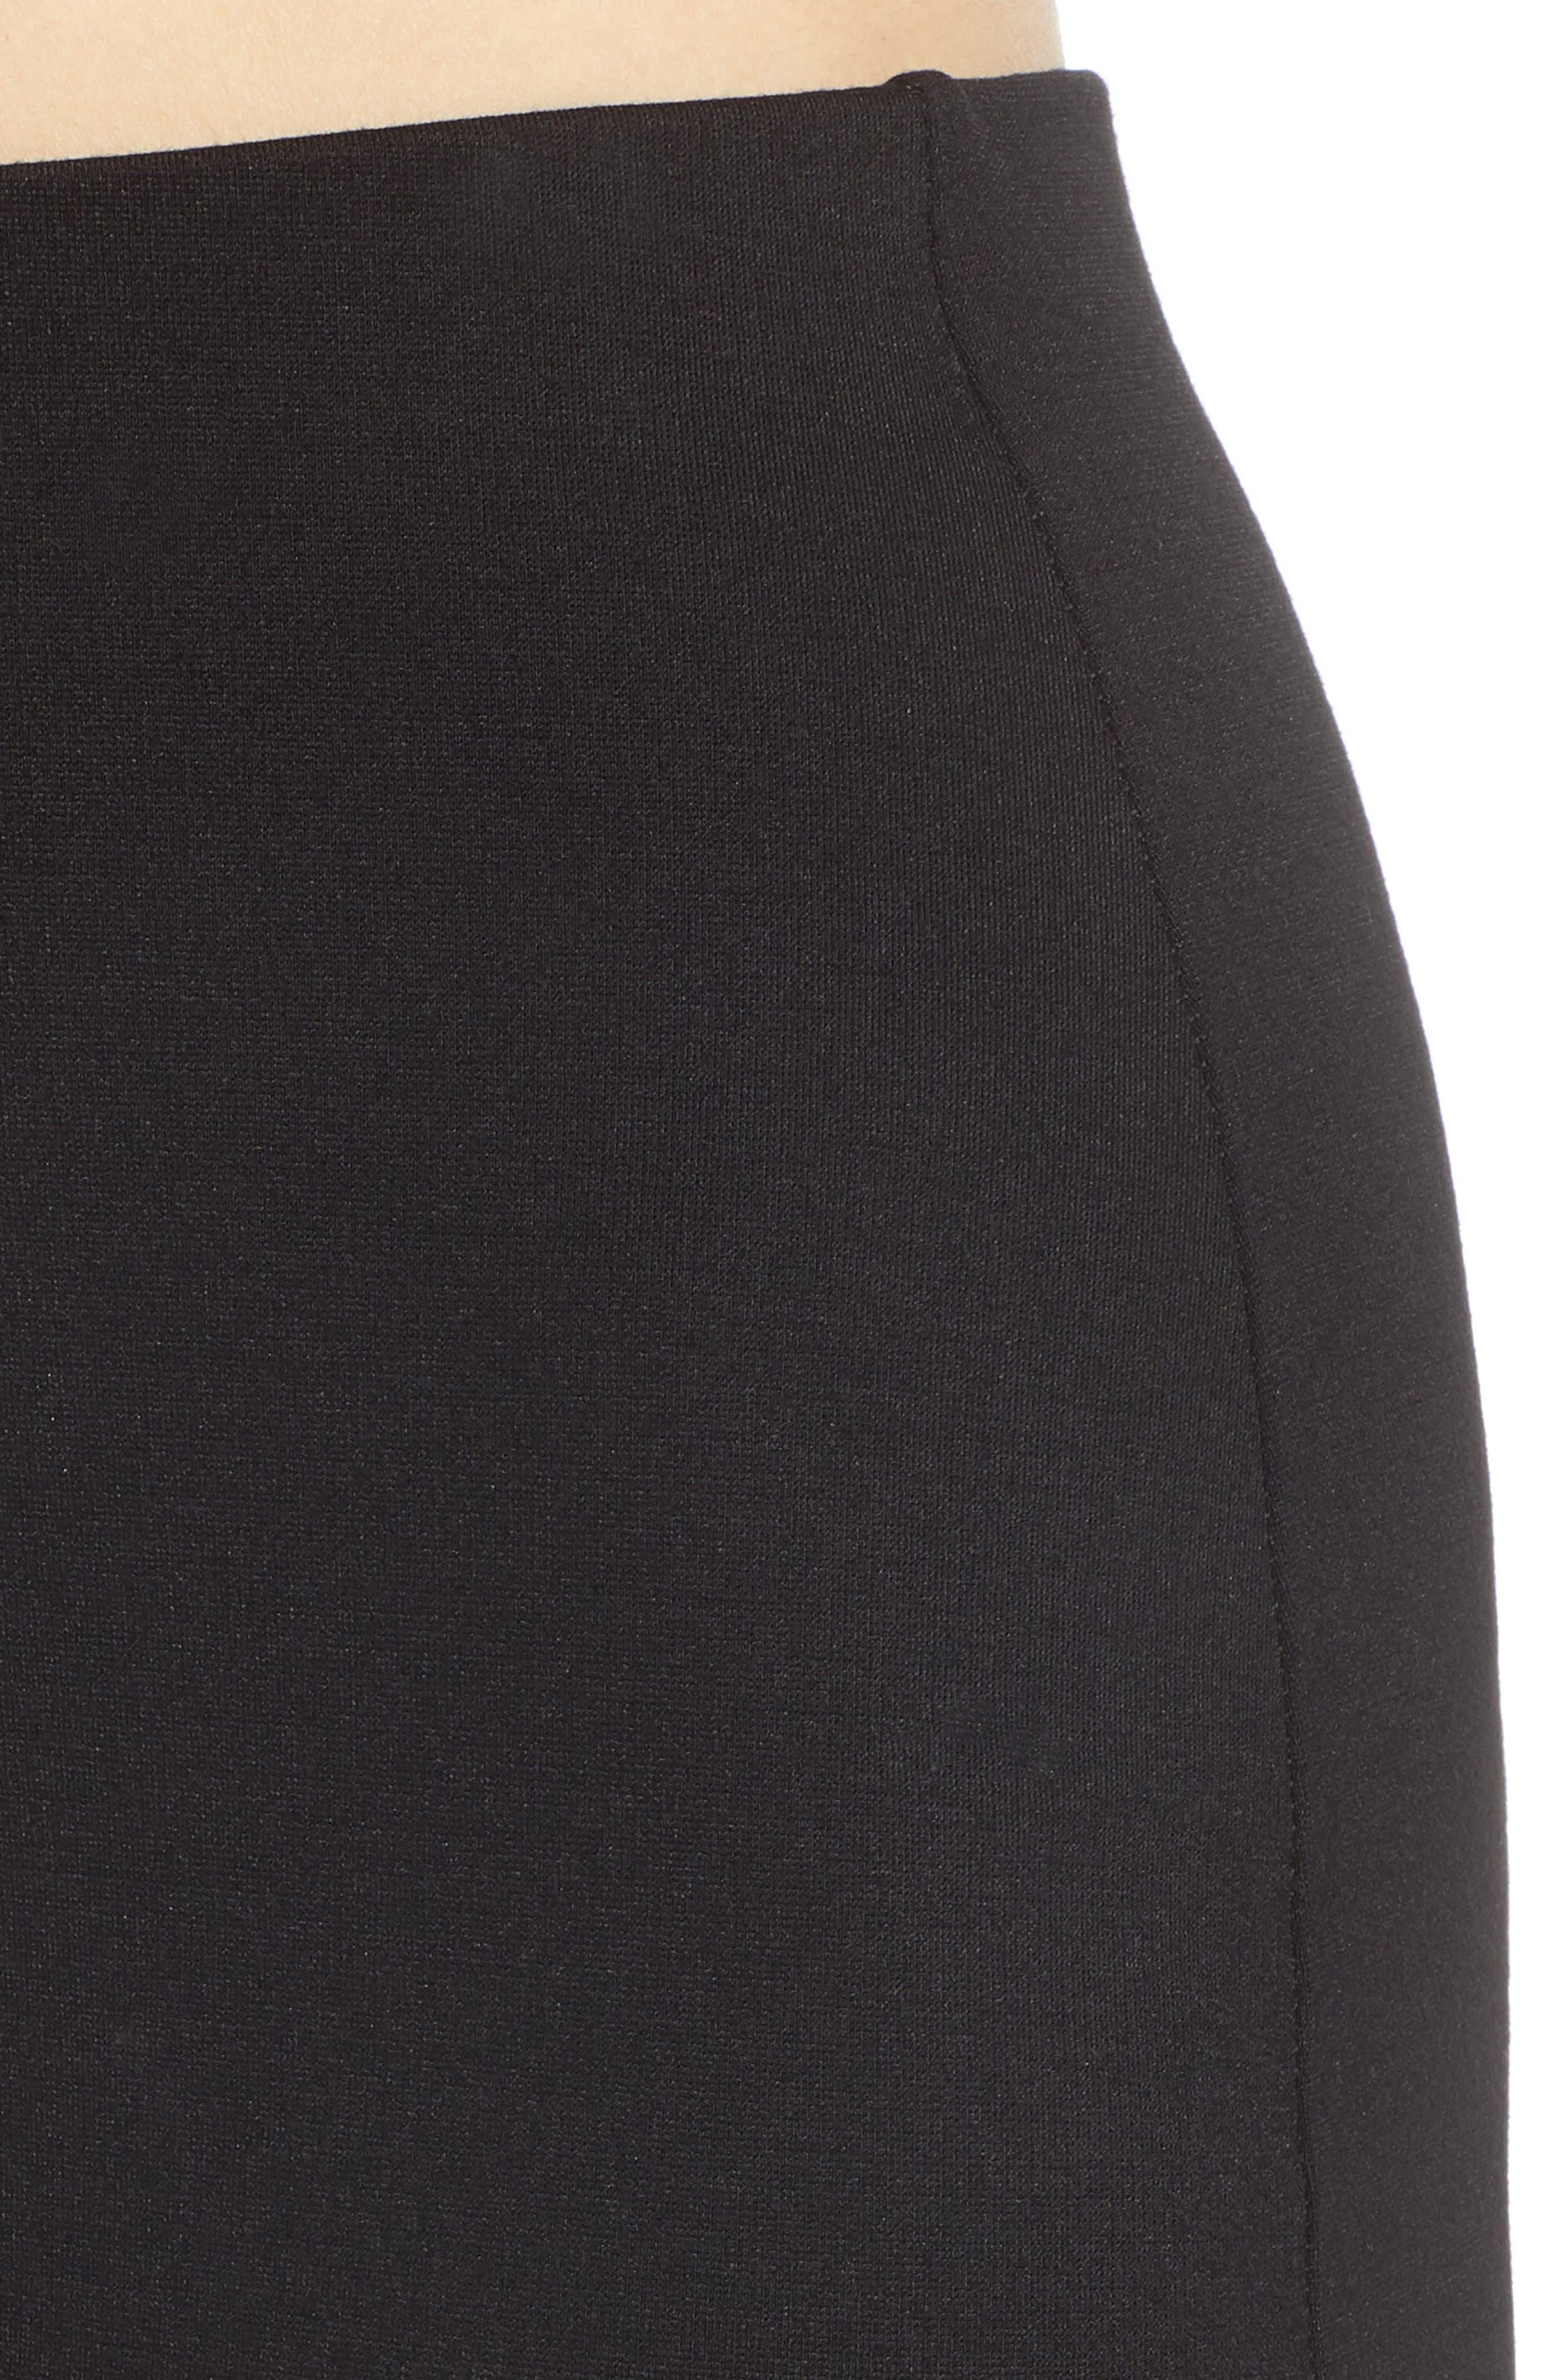 Stretch Ponte Mini Skirt,                             Alternate thumbnail 5, color,                             Black